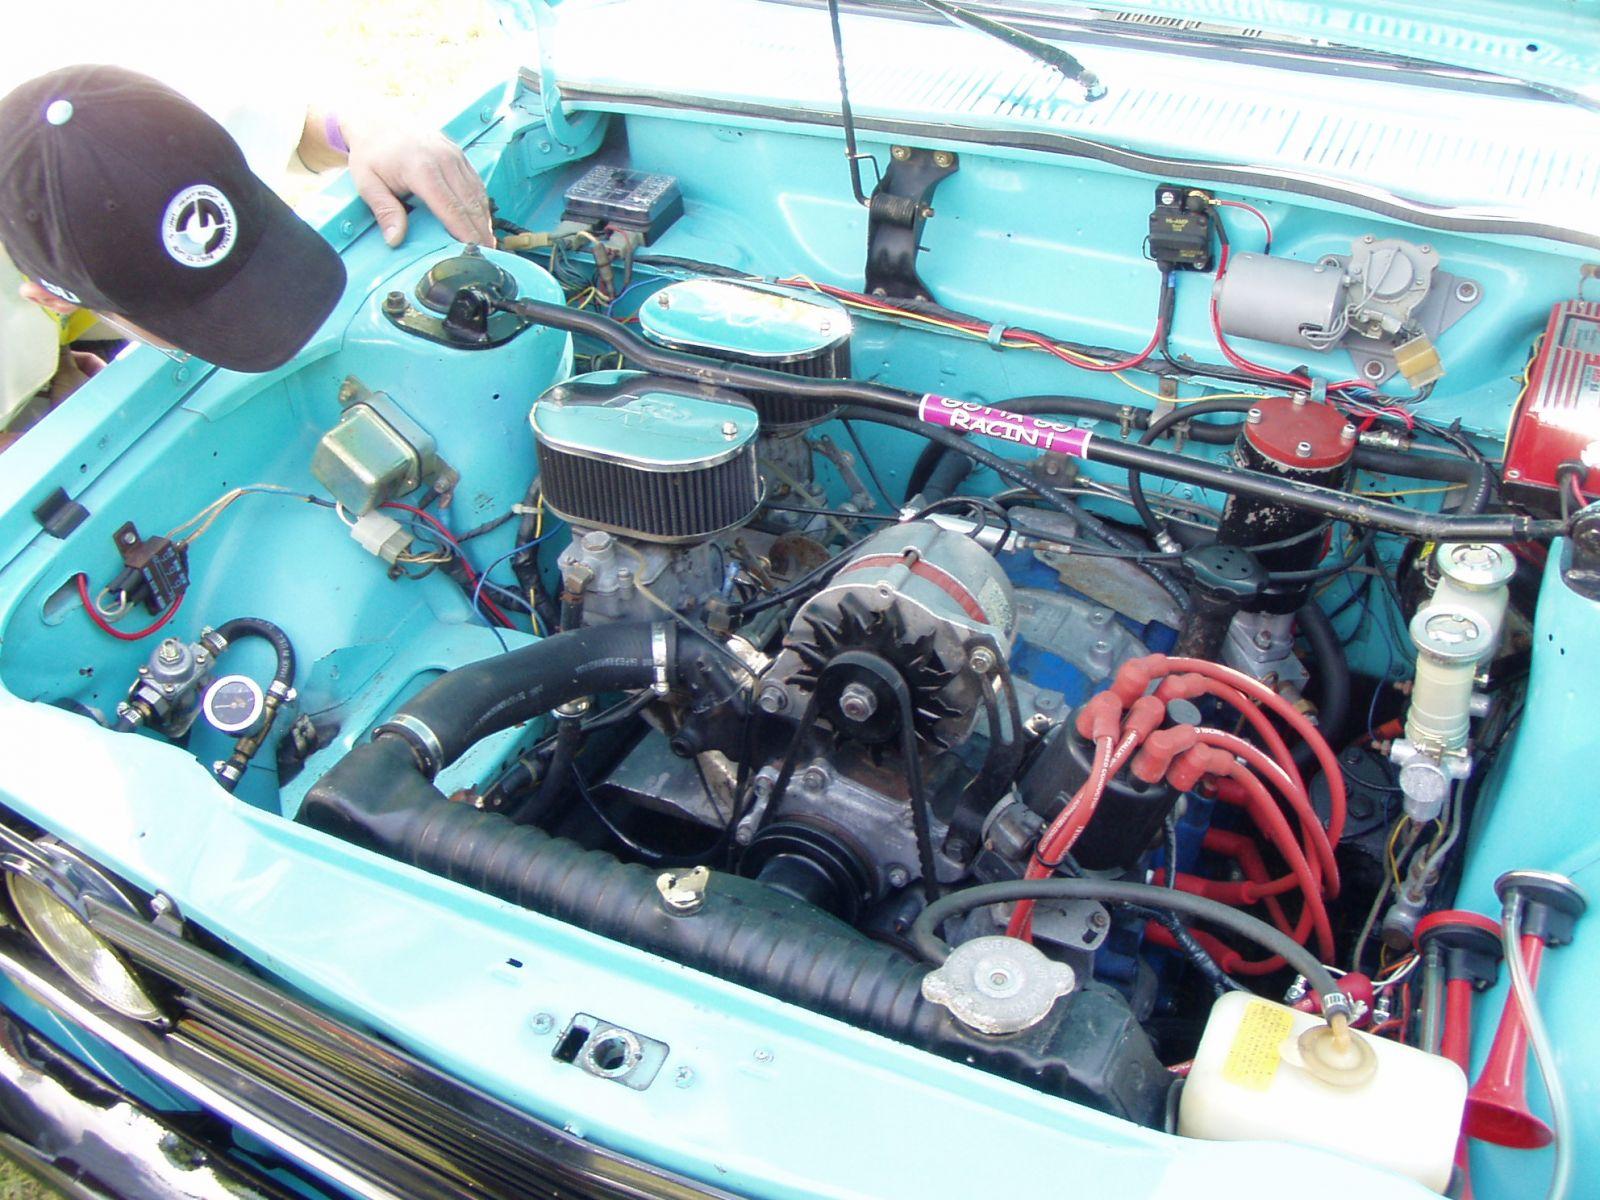 Vince's Rotary powered 2 door